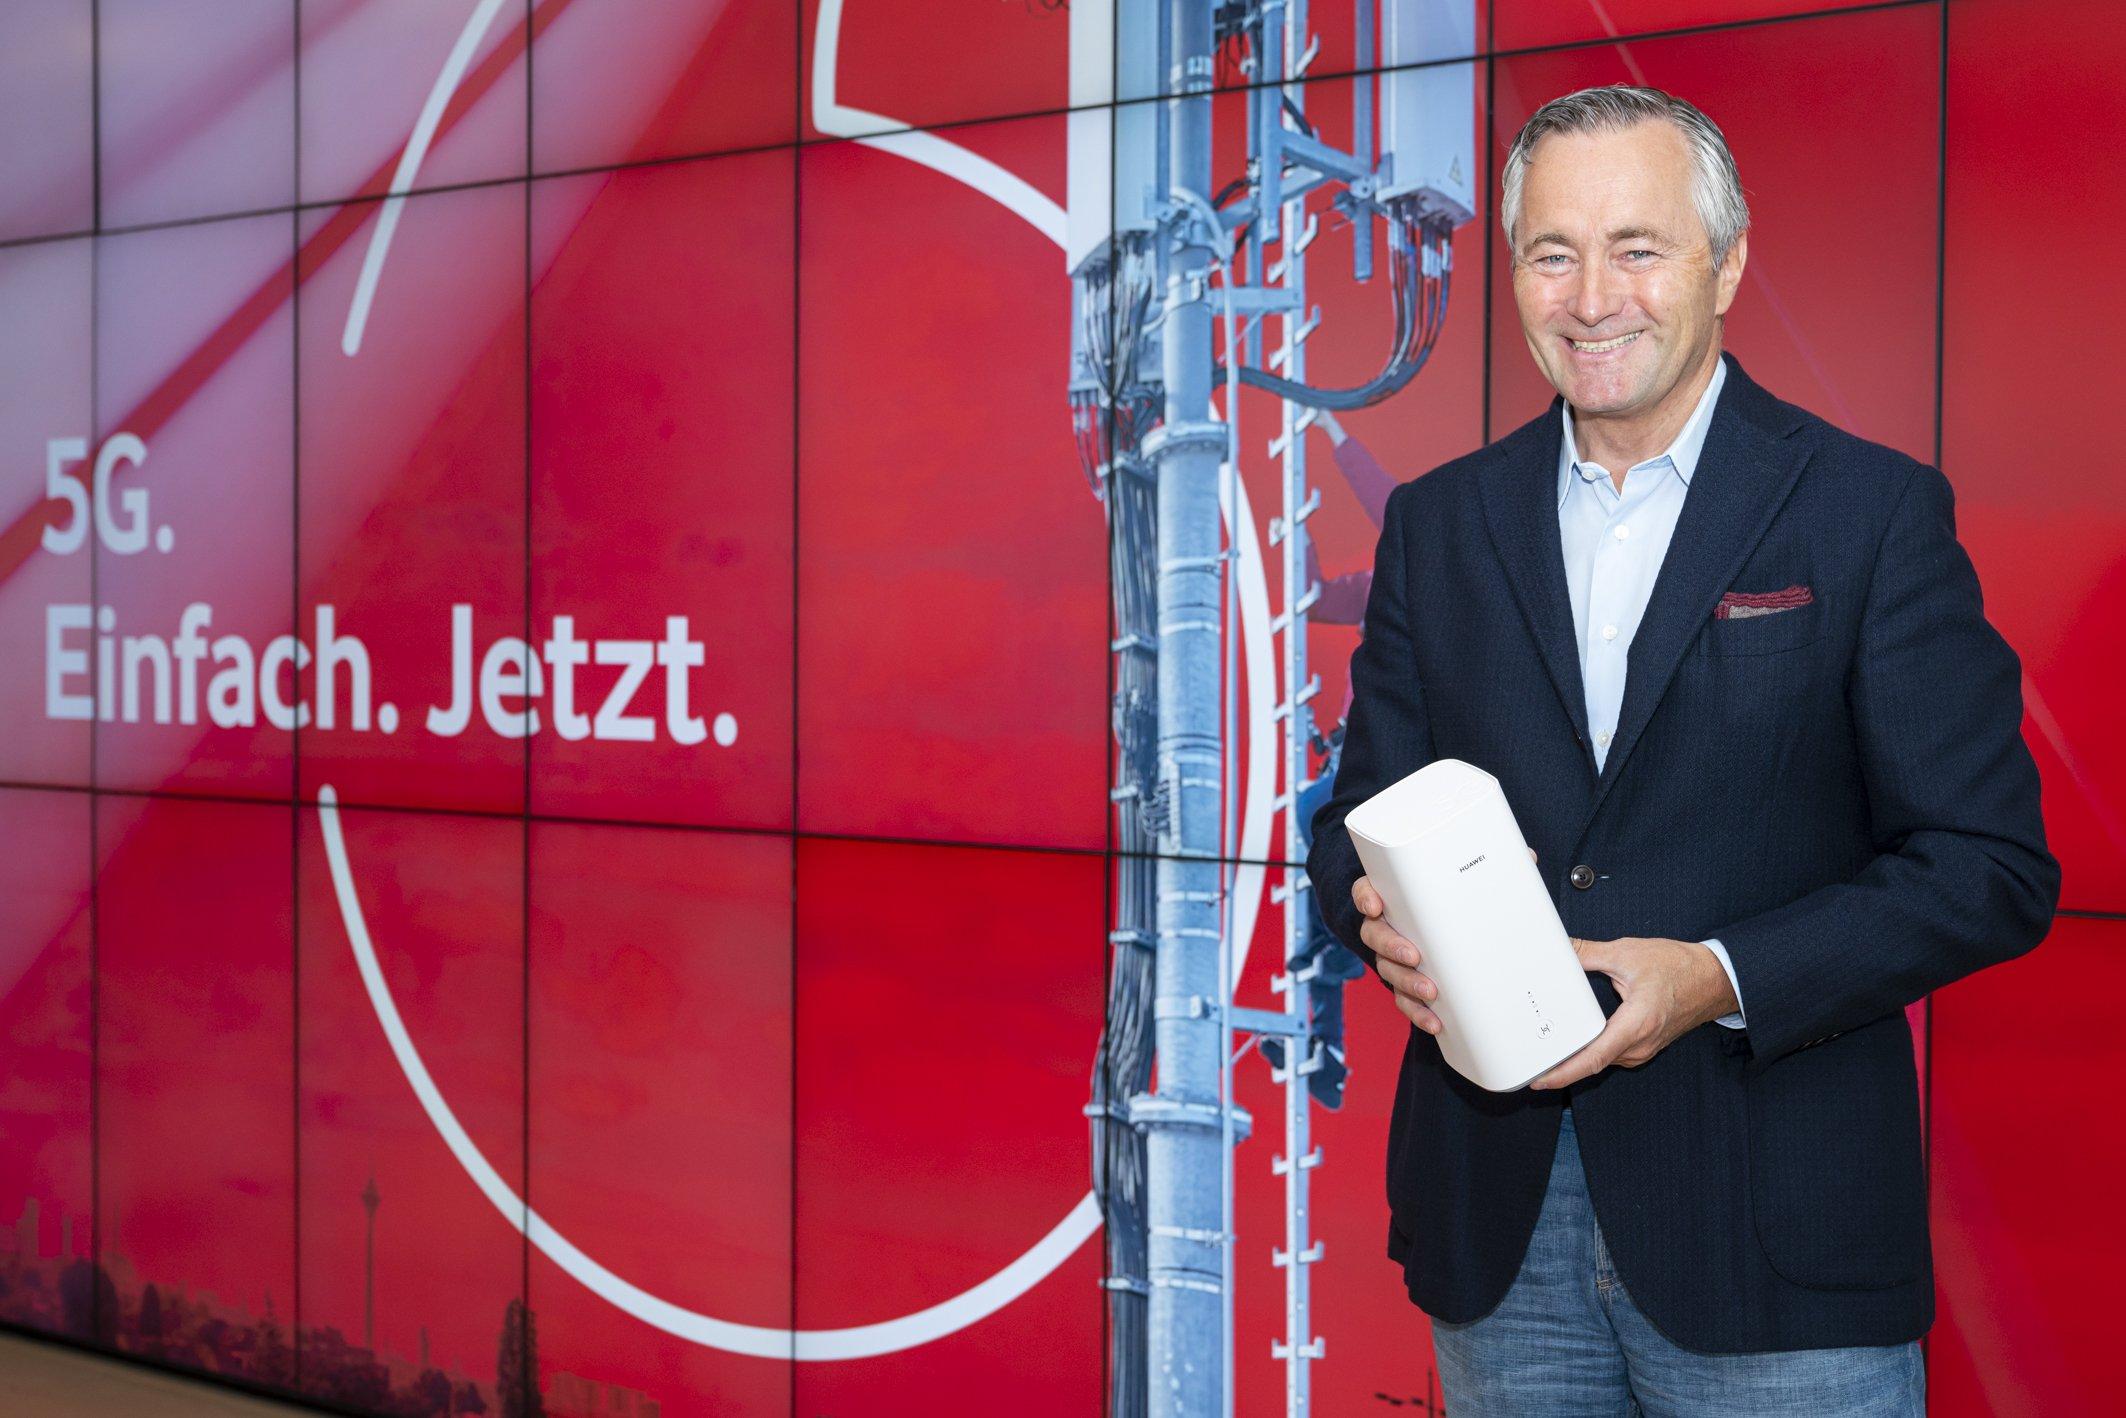 5 Euro fürs 5G Netz: Vodafone startet 5G für jedermann 1